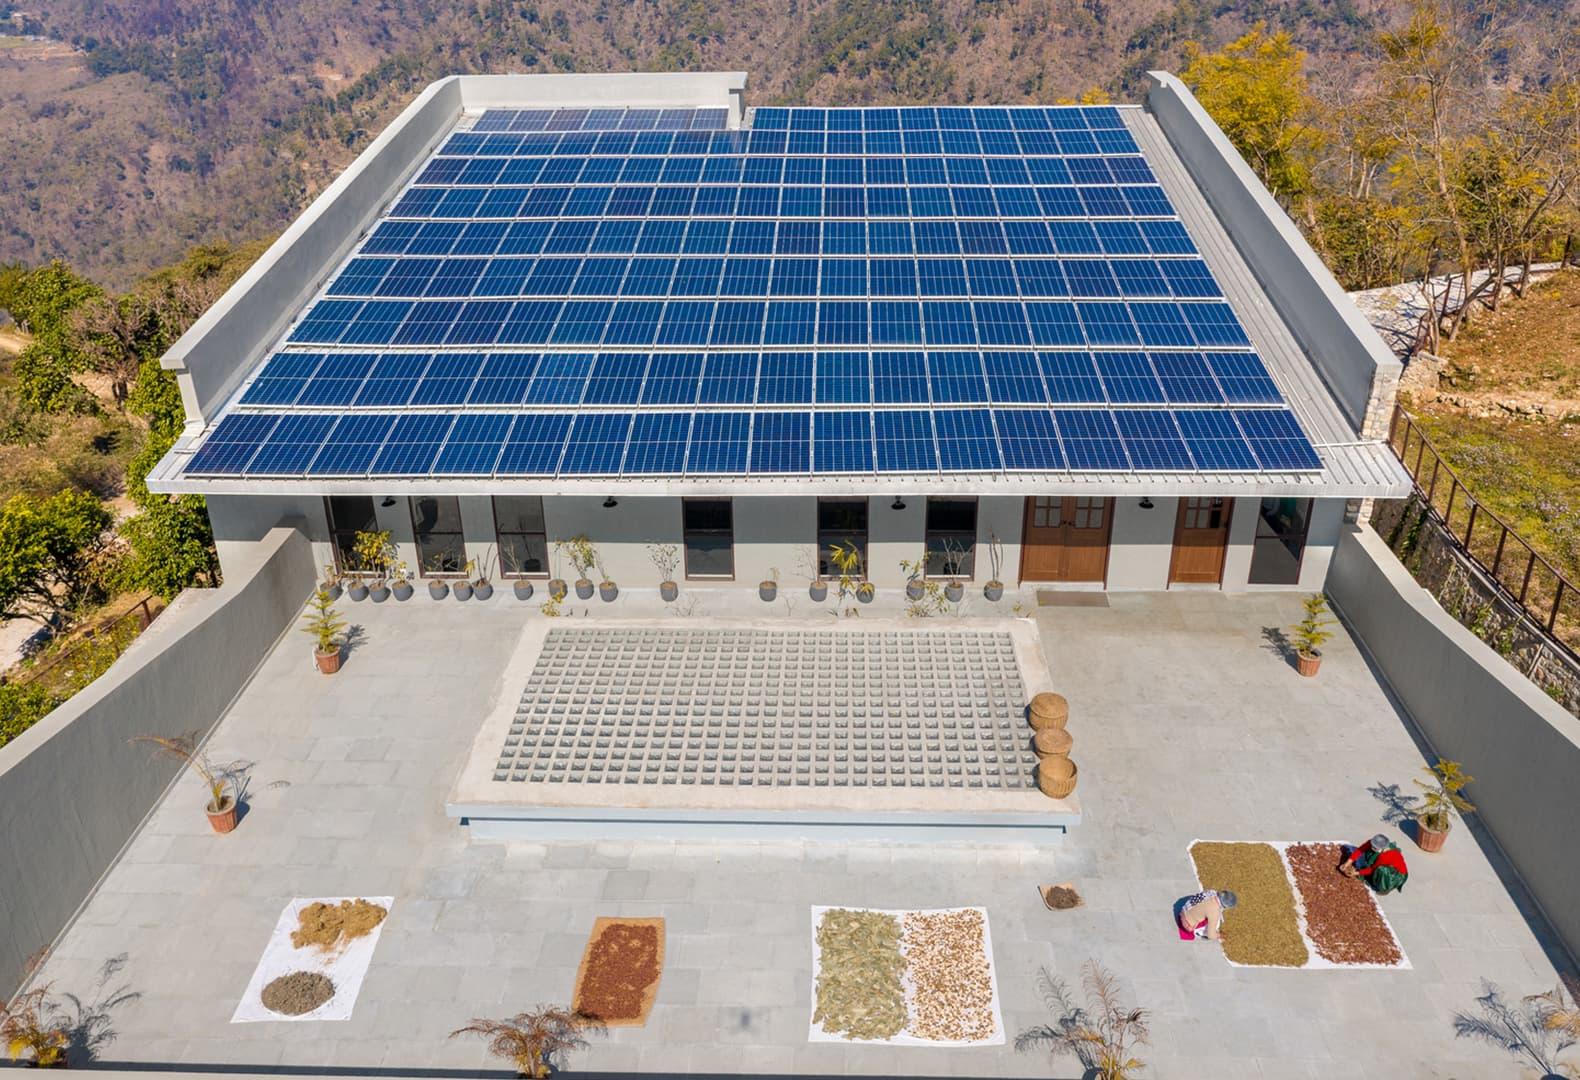 Новый объект для коммьюнити индийской деревни Лодси и компании Forest Essentials. Фото: Noughts And Crosses